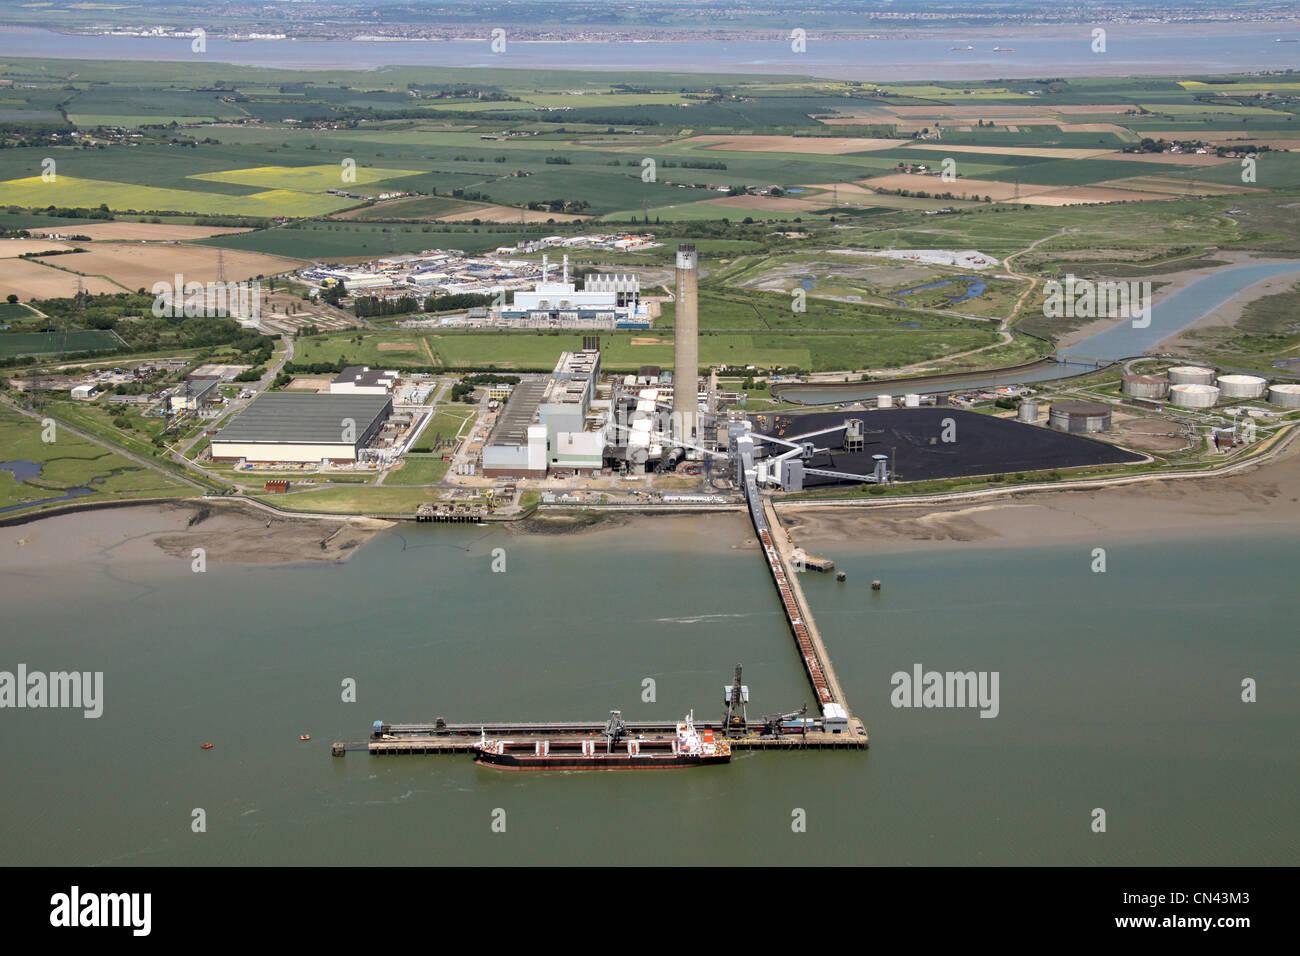 Vue aérienne de Kingsnorth Power Station et Jetty, rivière Medway, Kent Photo Stock